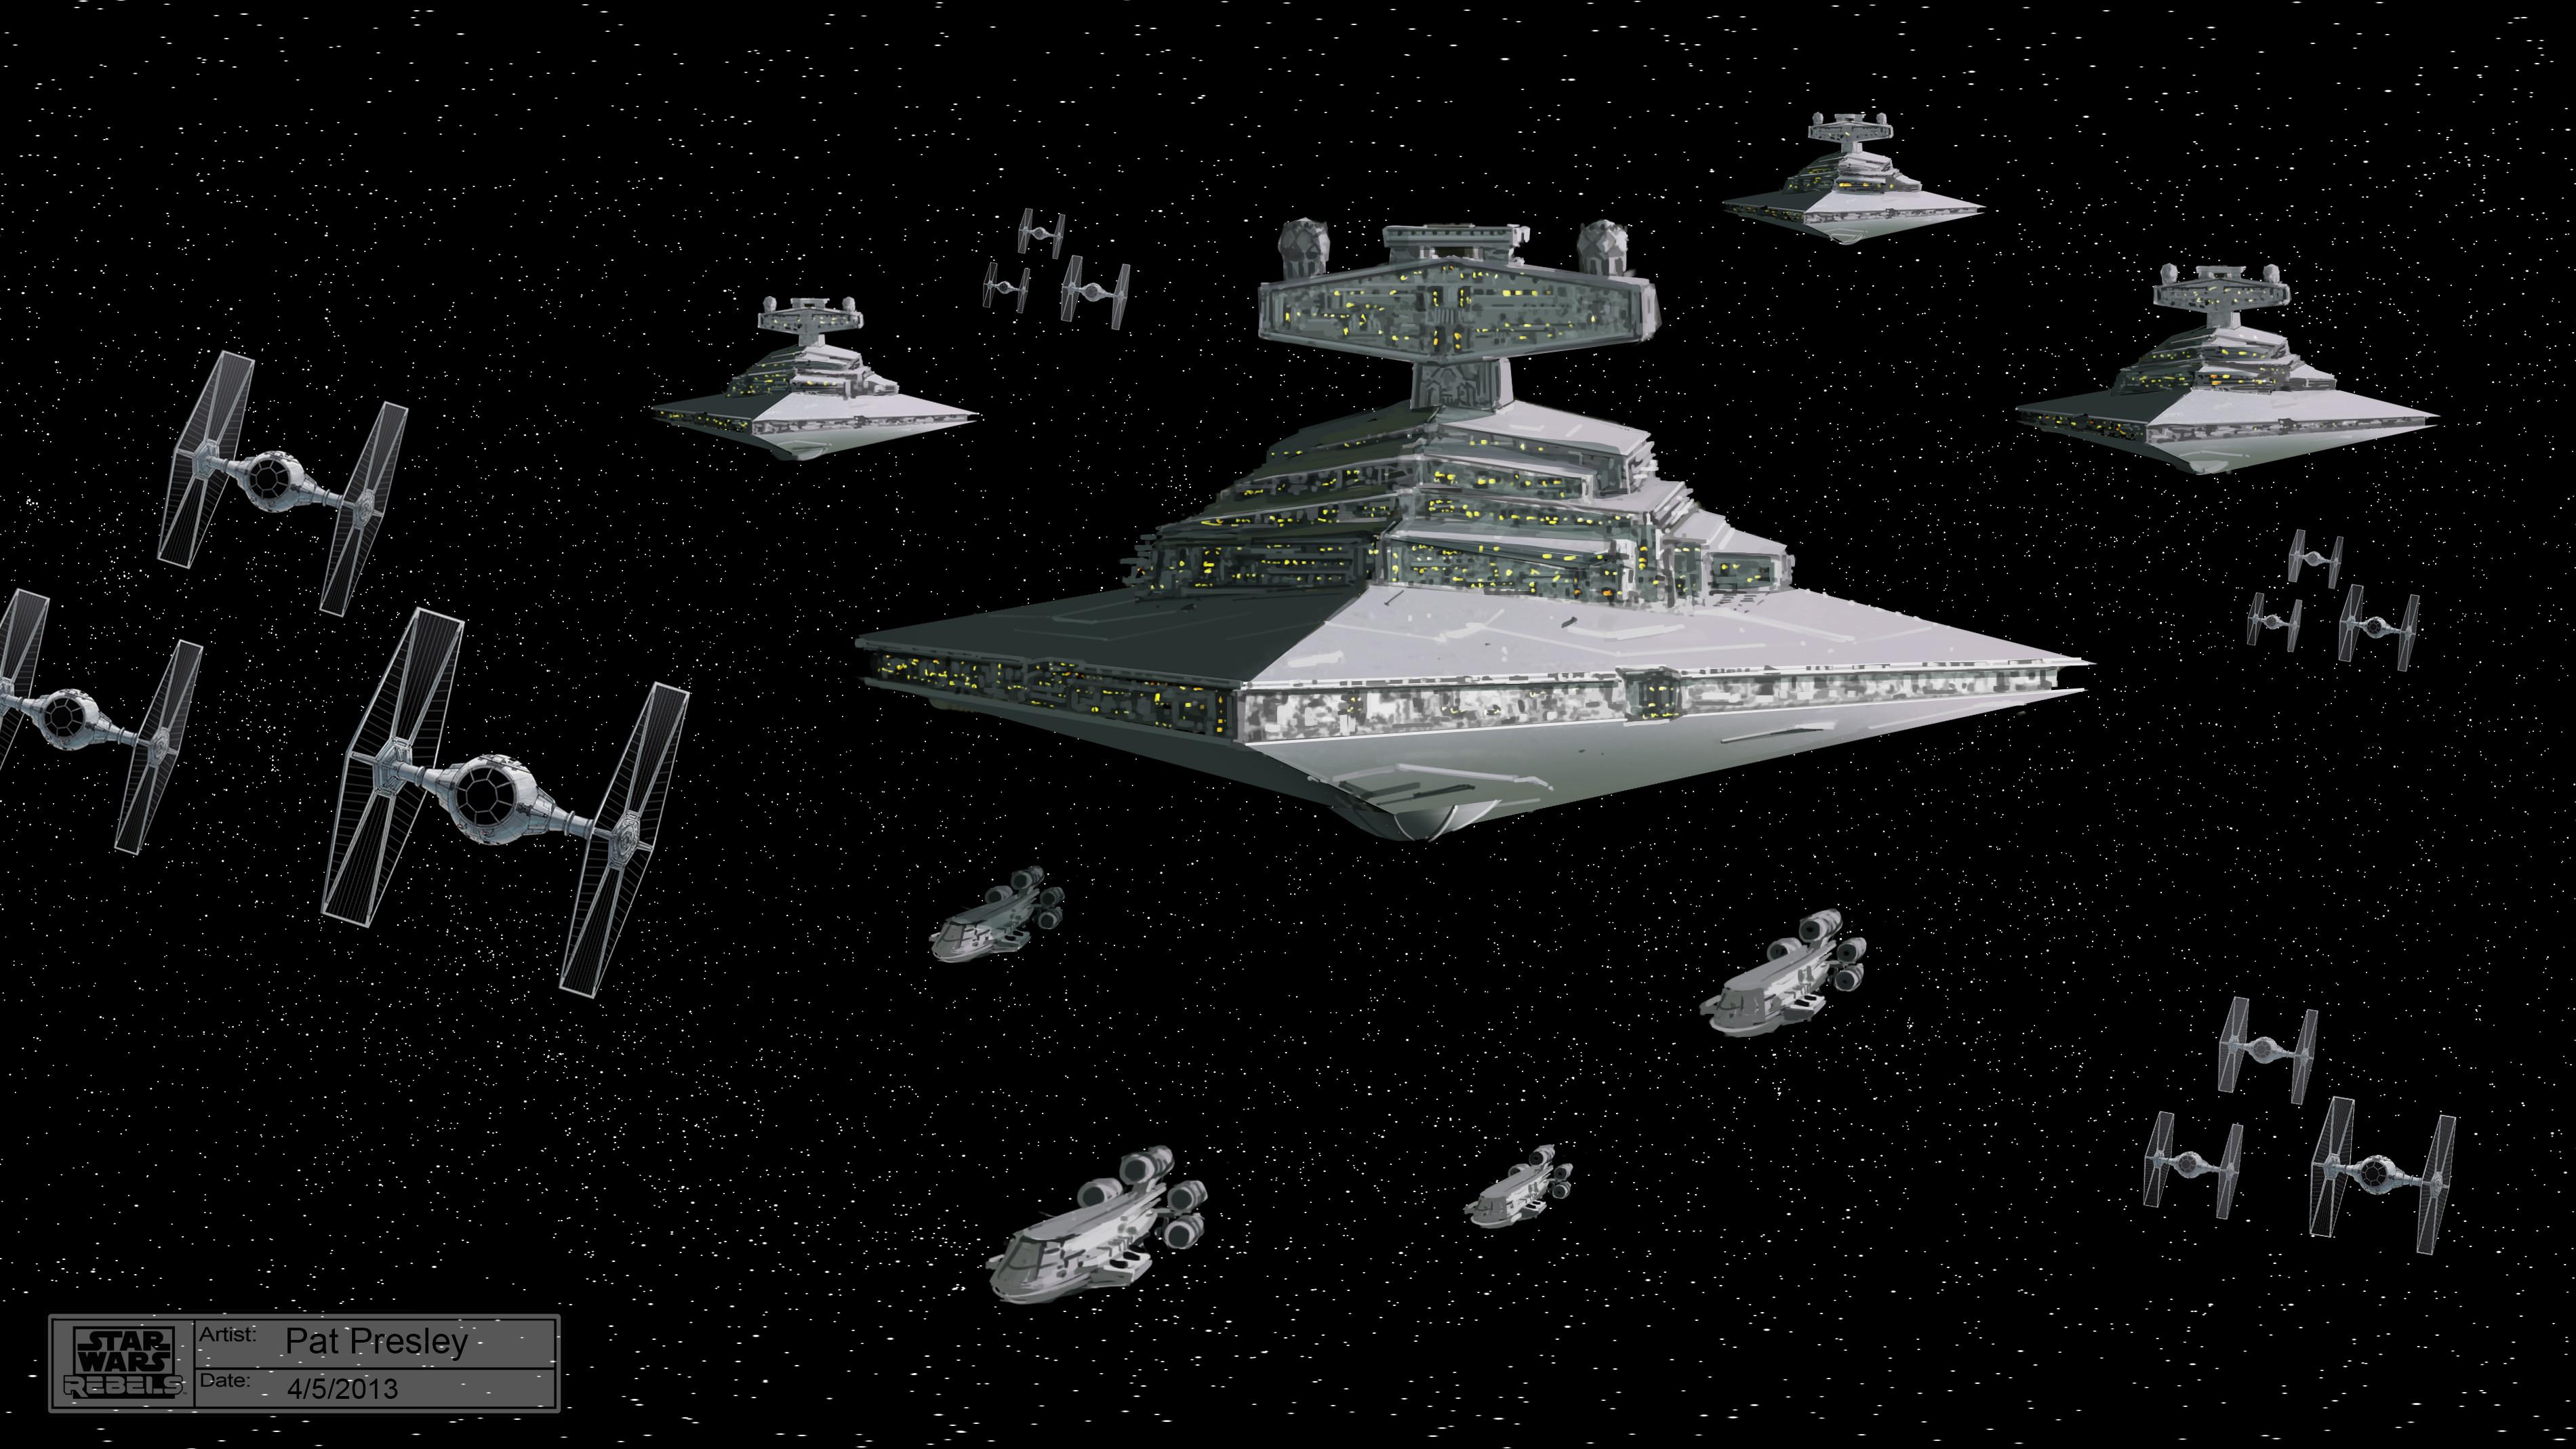 <b>Star Wars Rebel Fleet</b> Pictures to Pin on Pinterest